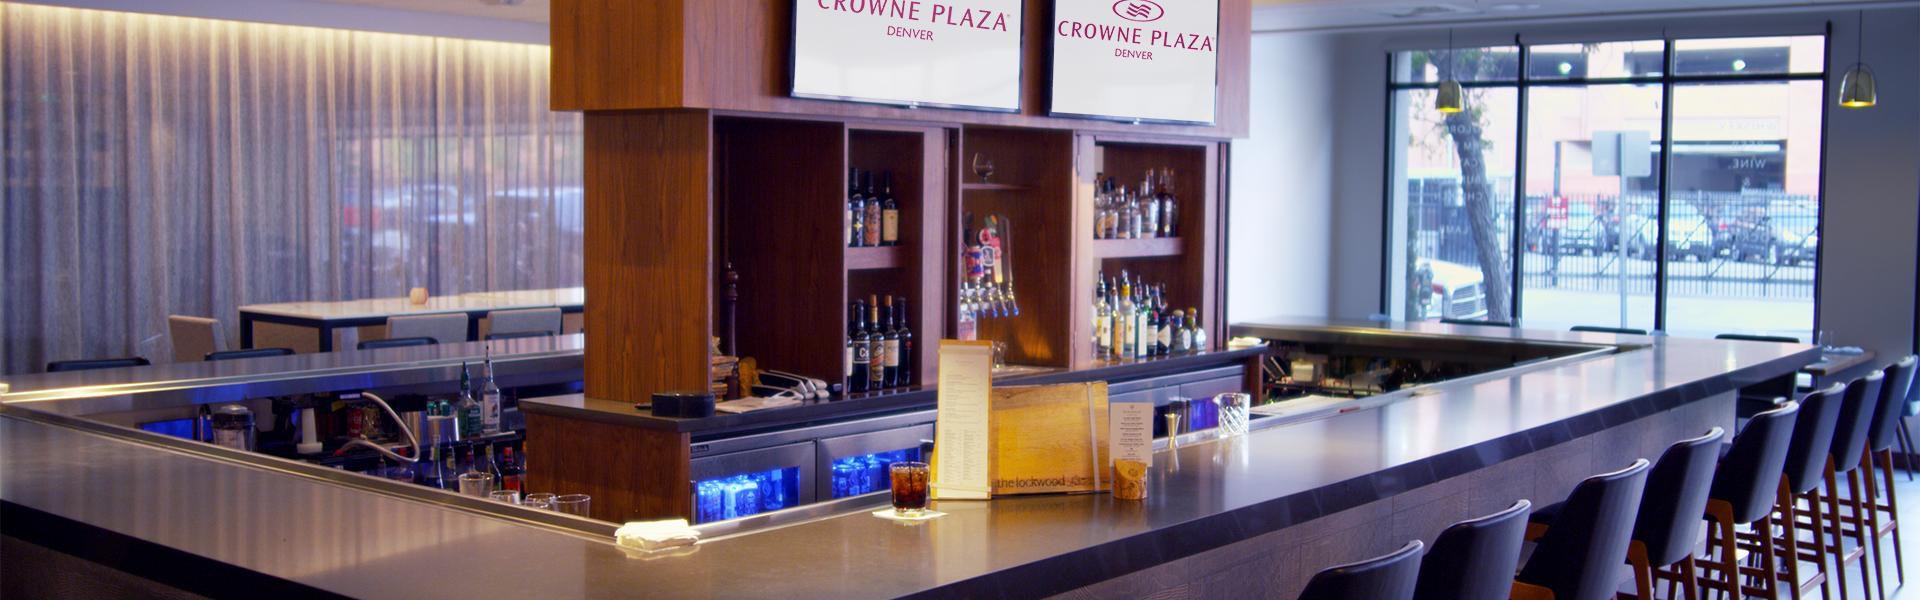 Crowne Plaza Denver